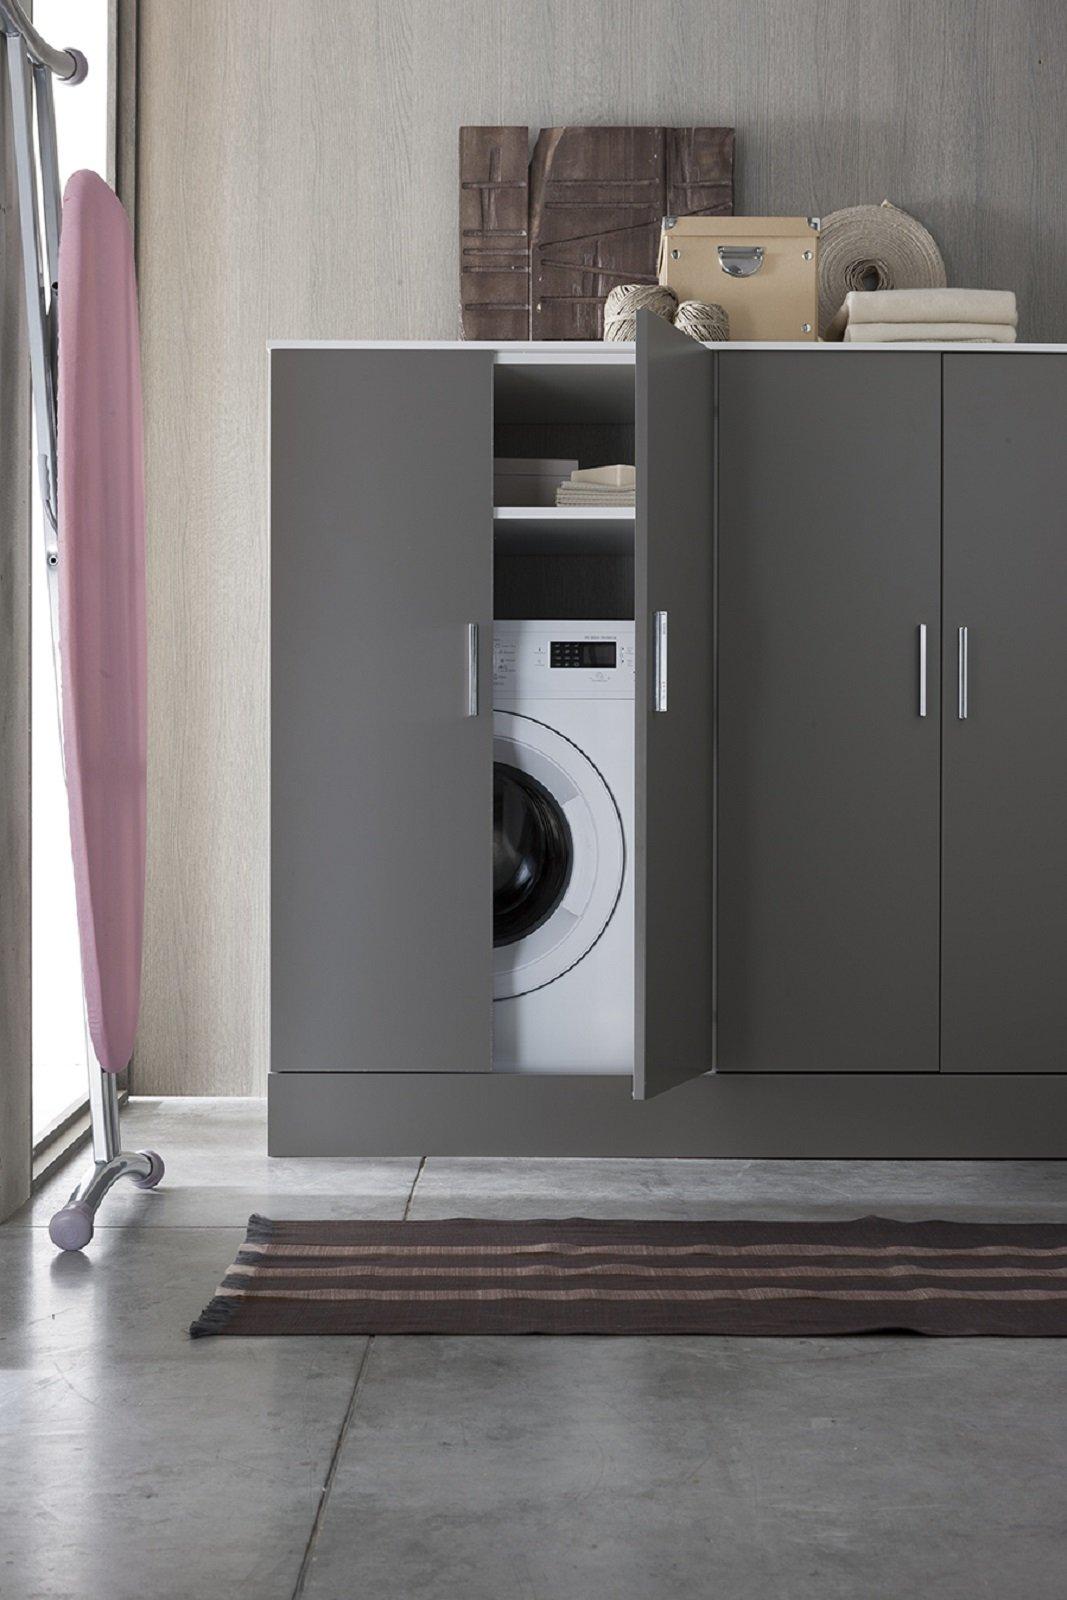 Lavanderia in bagno cose di casa - Mobile bagno con lavatrice incassata ...